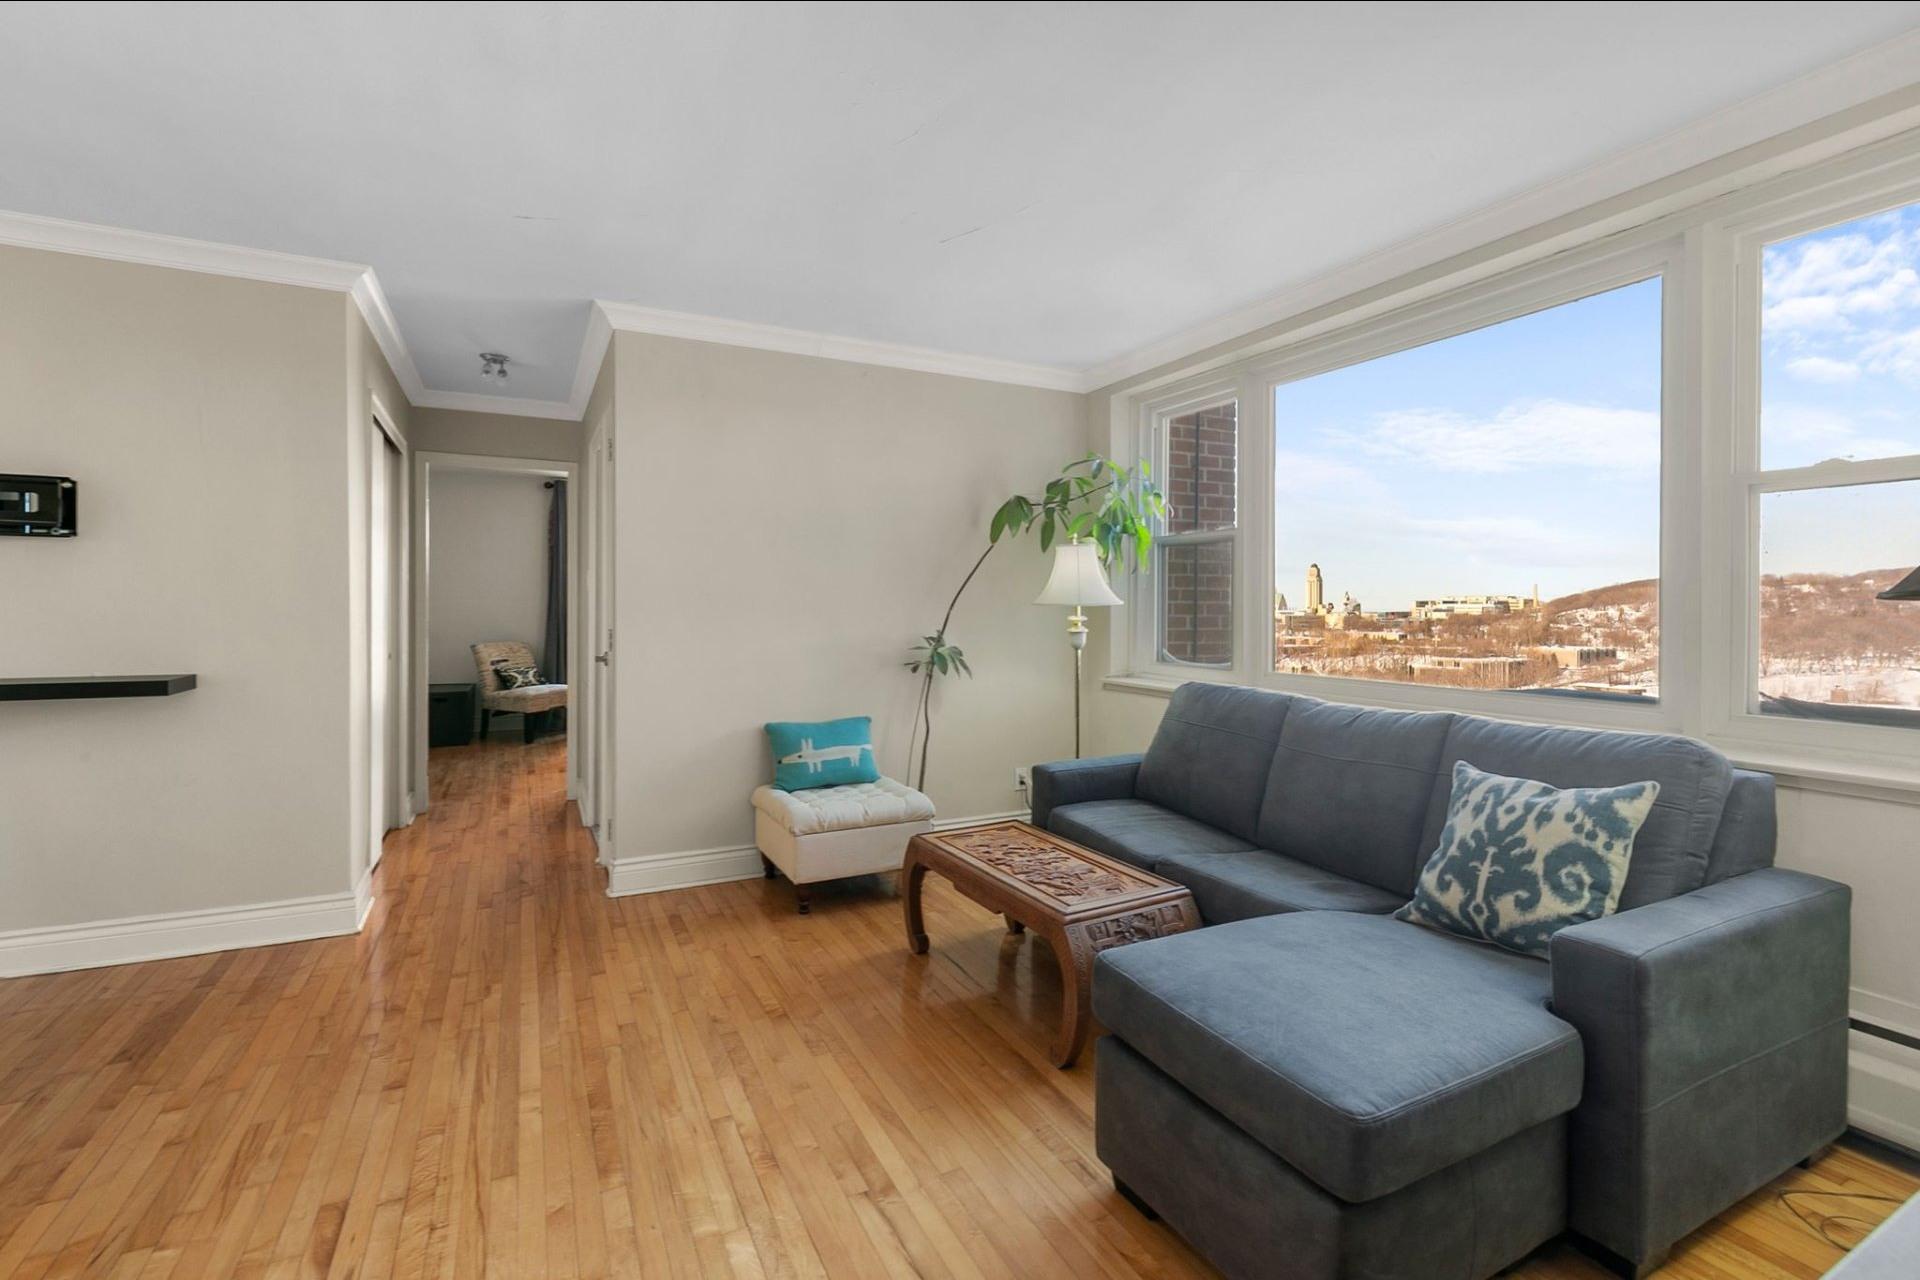 image 6 - Appartement À vendre Côte-des-Neiges/Notre-Dame-de-Grâce Montréal  - 4 pièces